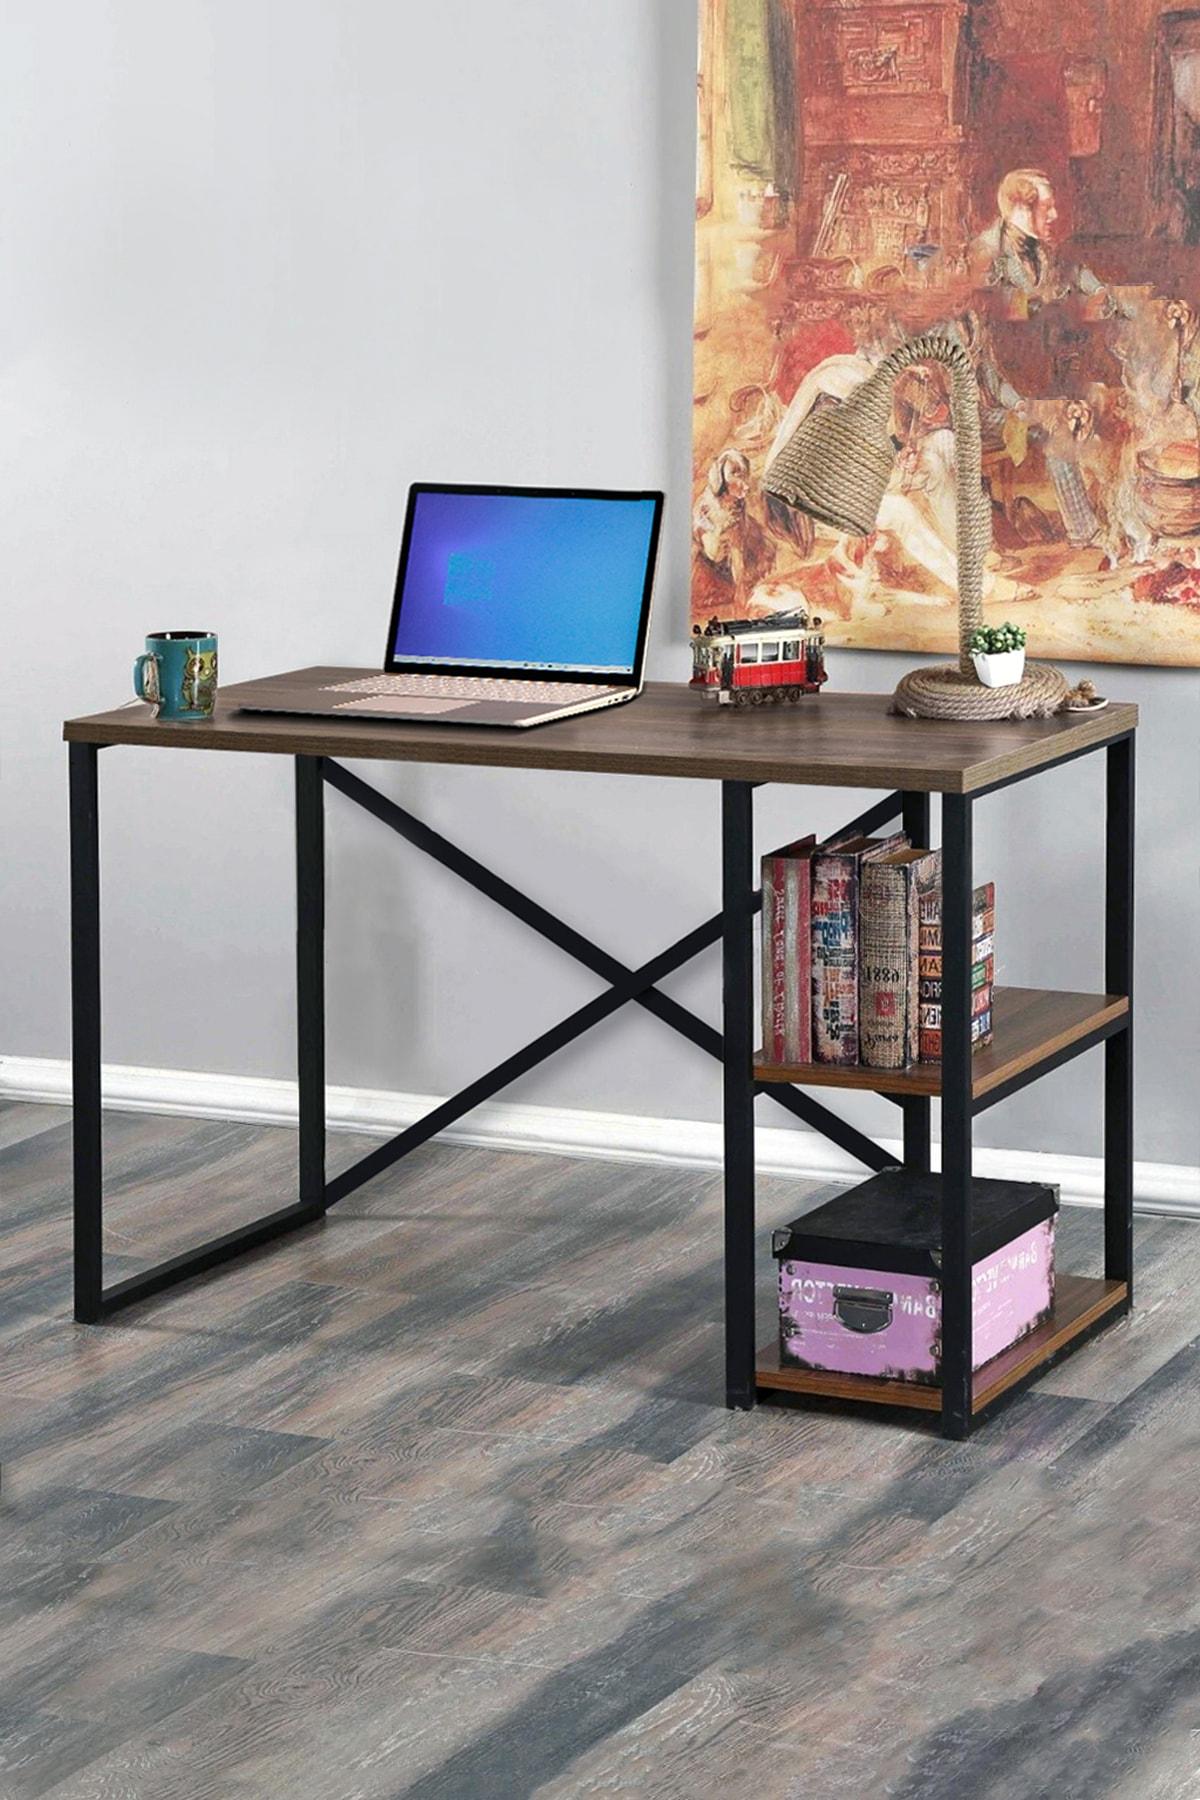 Morpanya Metal Çalışma Masası Laptop Bilgisayar Masası 2 Raflı Ders Ofis Çalışma Masası 60x120 Ceviz 1